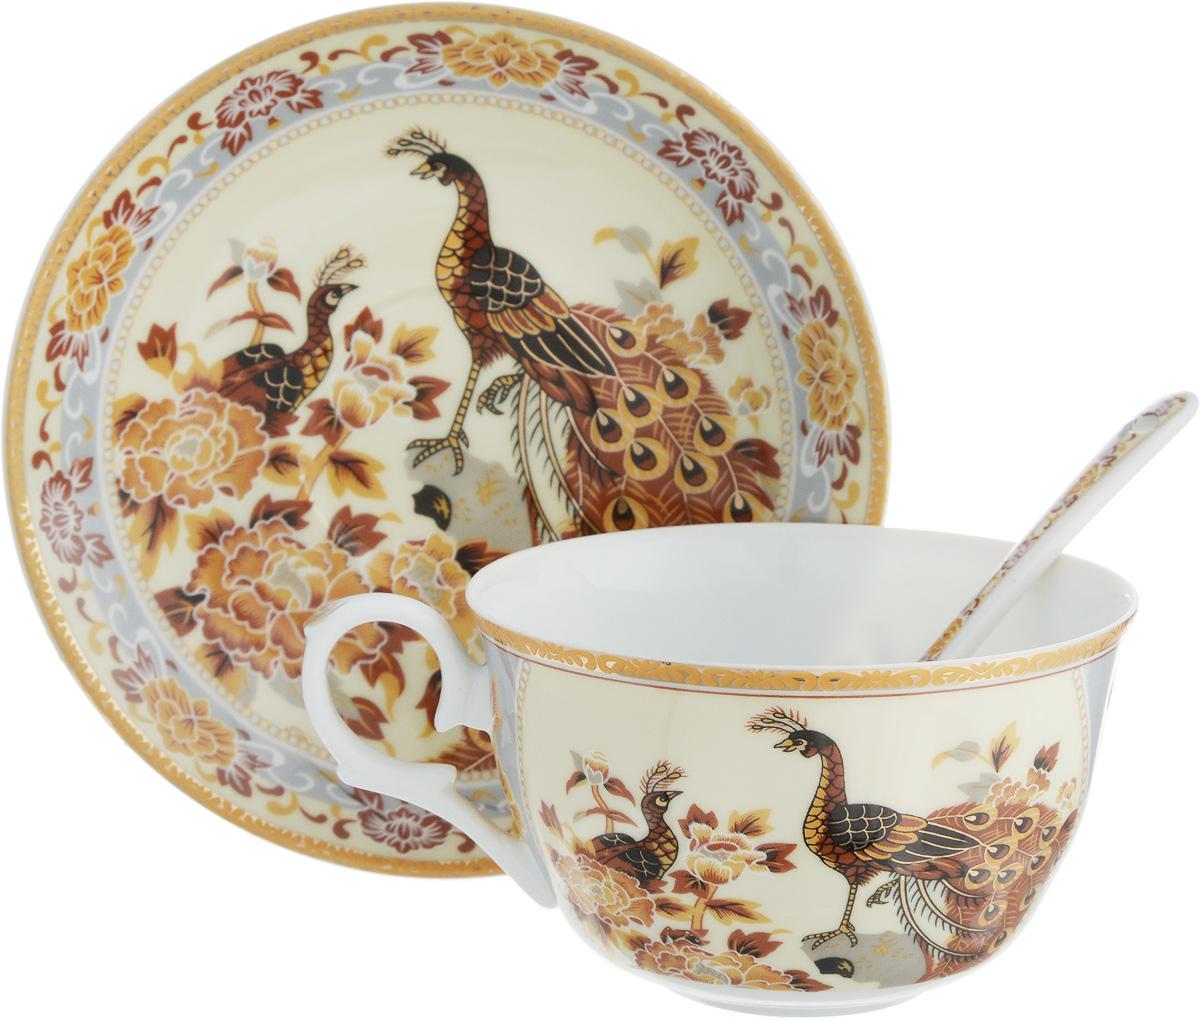 Чайная пара Павлин на бежевом, 3 предмета730471Чайная пара Павлин на бежевом состоит из чашки, блюдца и ложки, изготовленных из высококачественной керамики. Красочность оформления придется по вкусу ценителям утонченности и изысканности. Объем чашки: 250 мл.